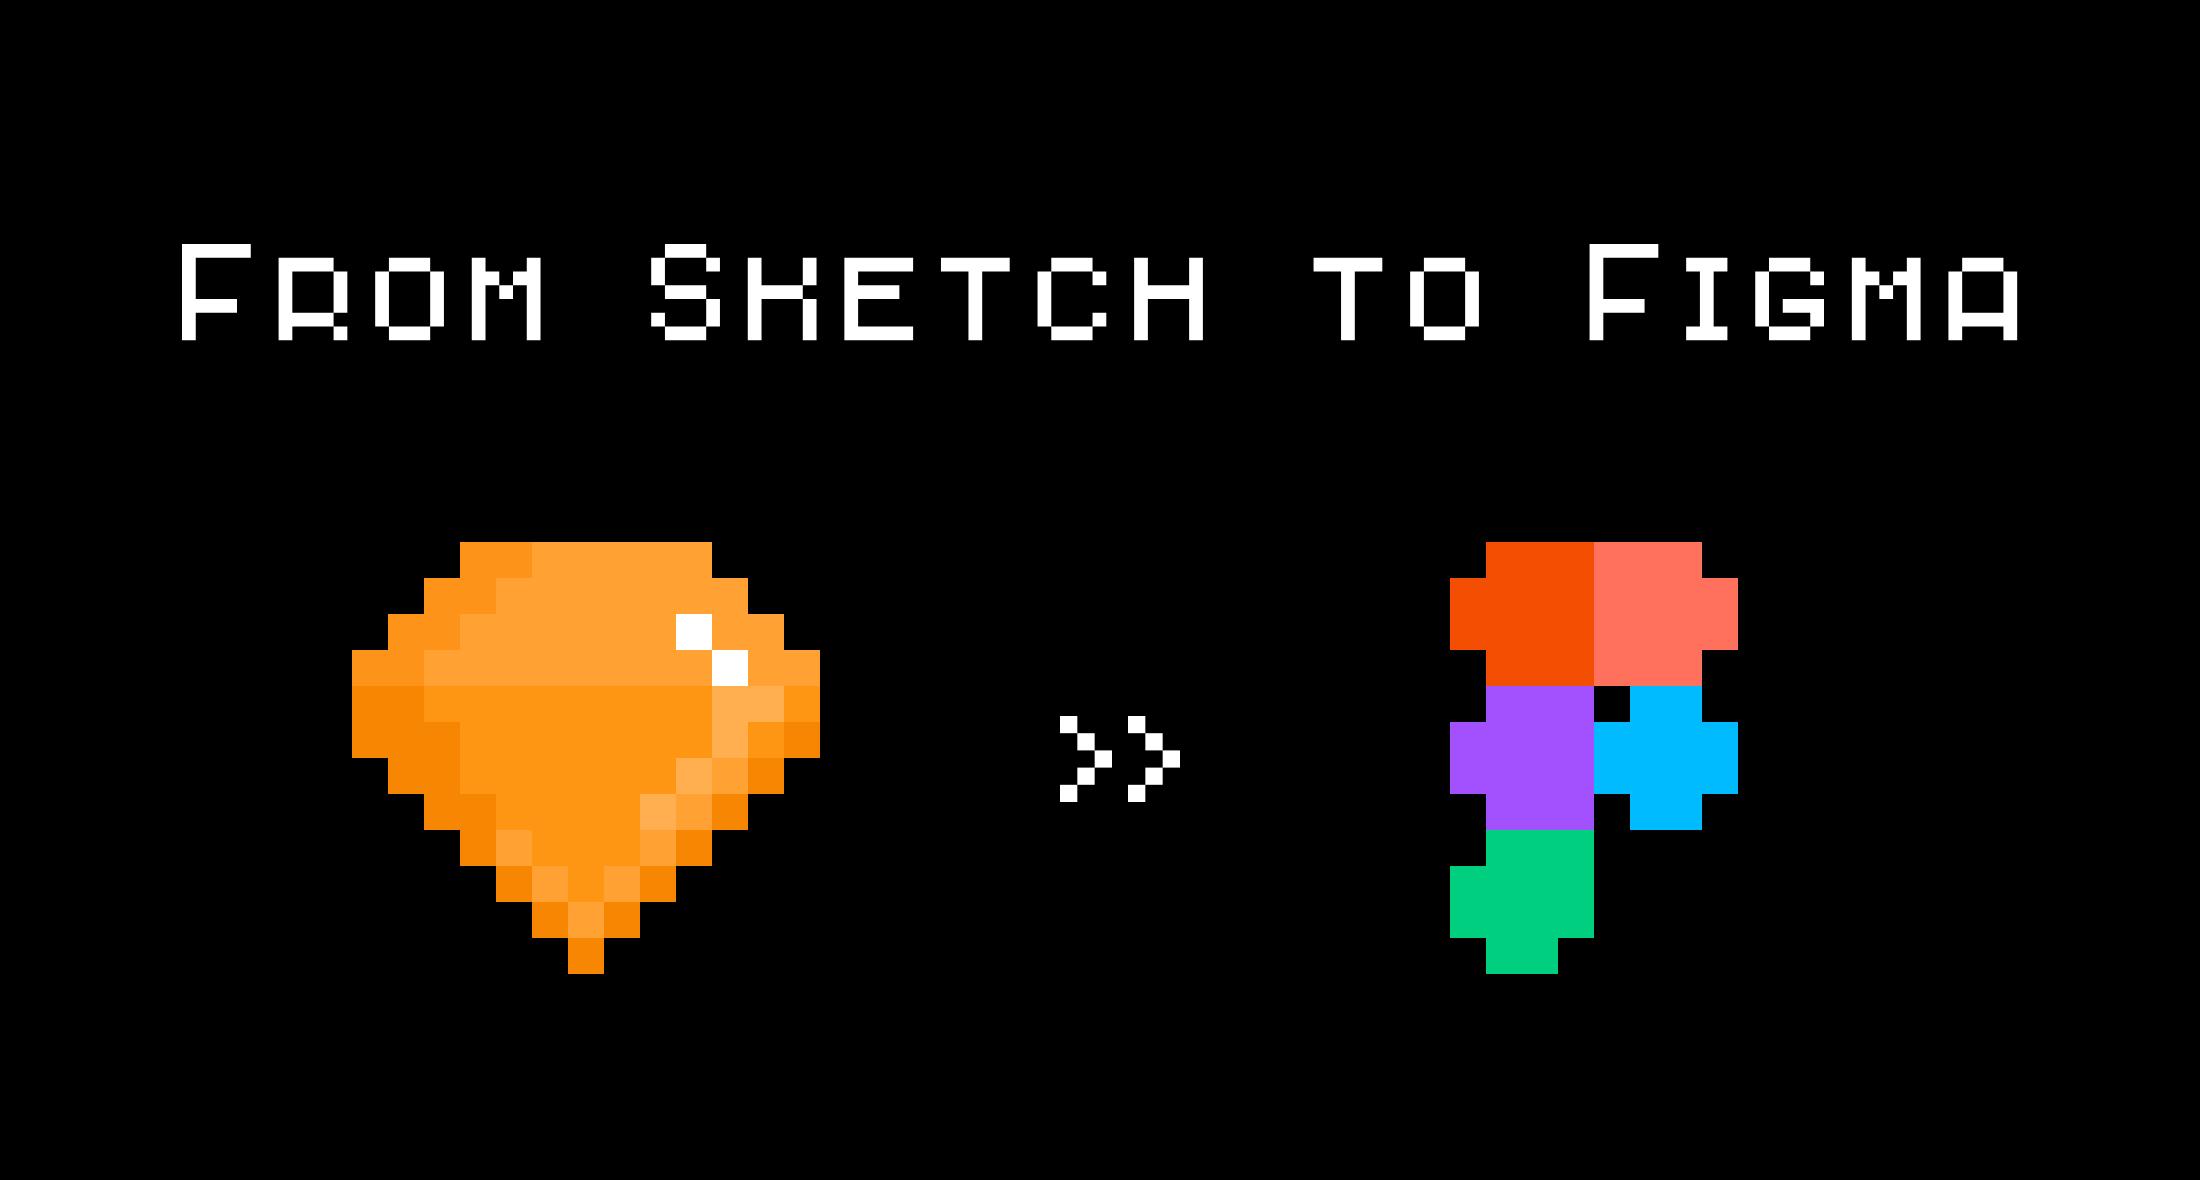 想从Sketch 切换到 Figma?送你一份详细的过渡指南!